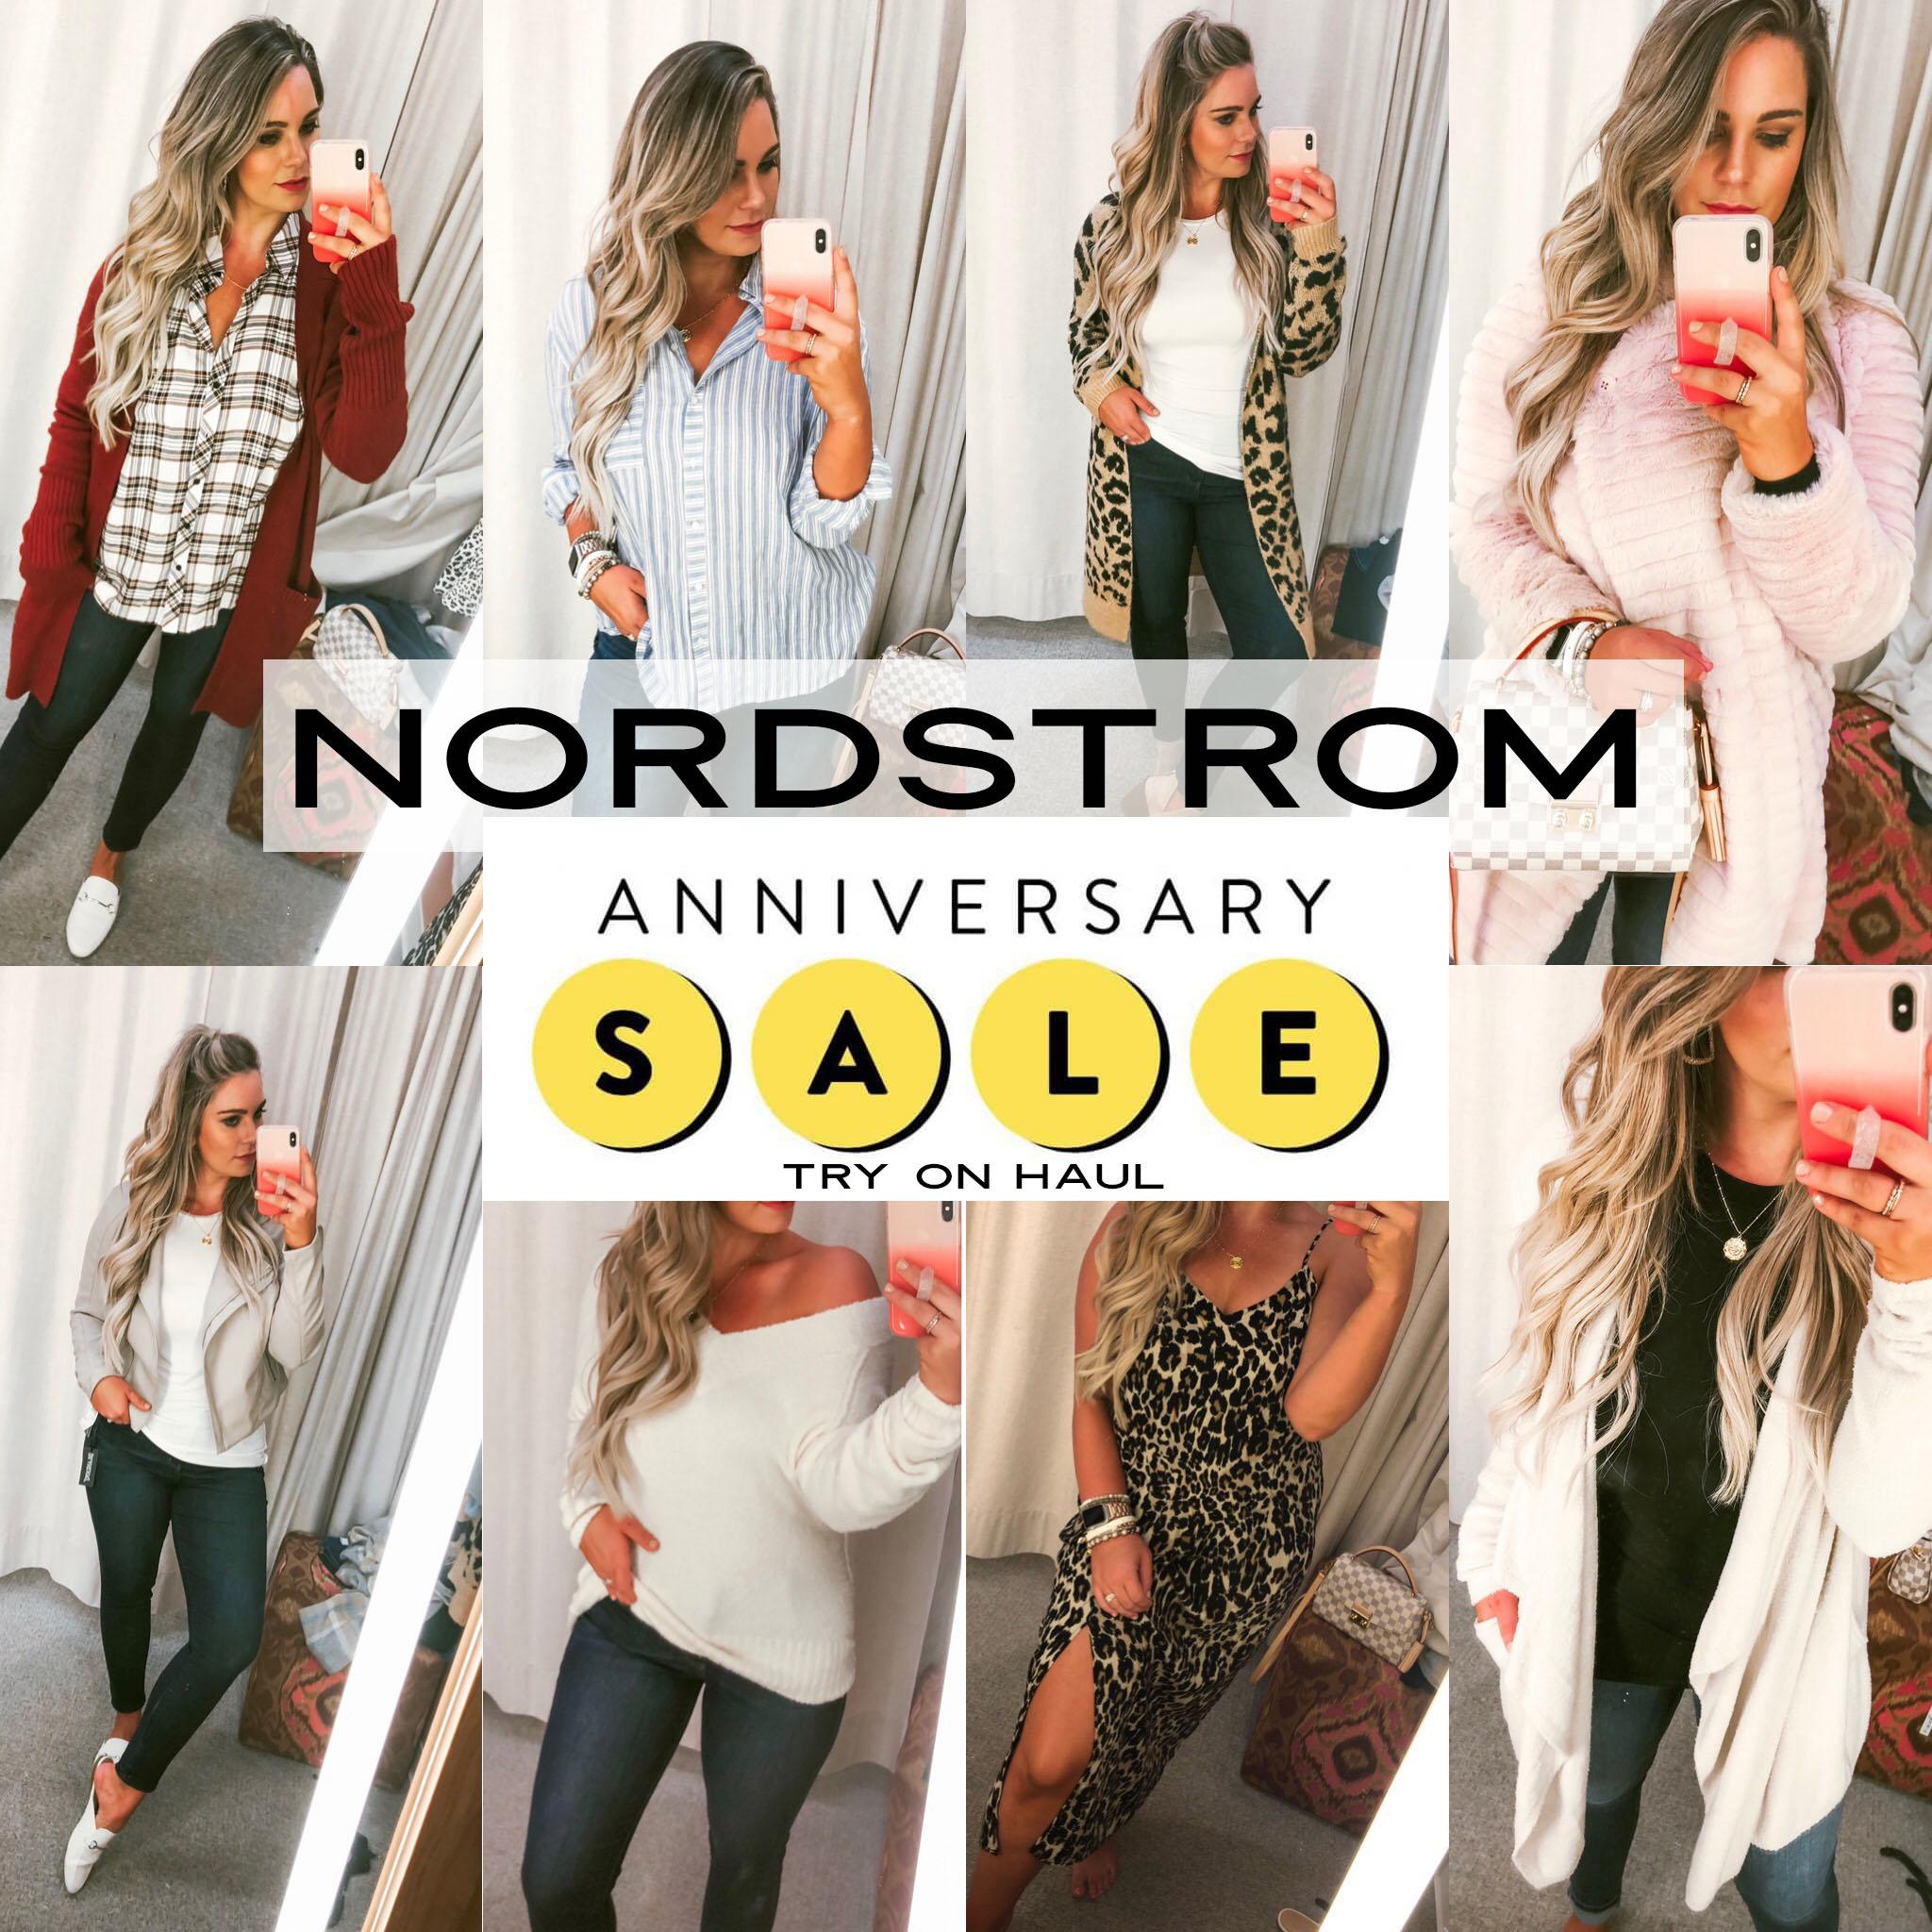 nordstrom shoe sale 2019